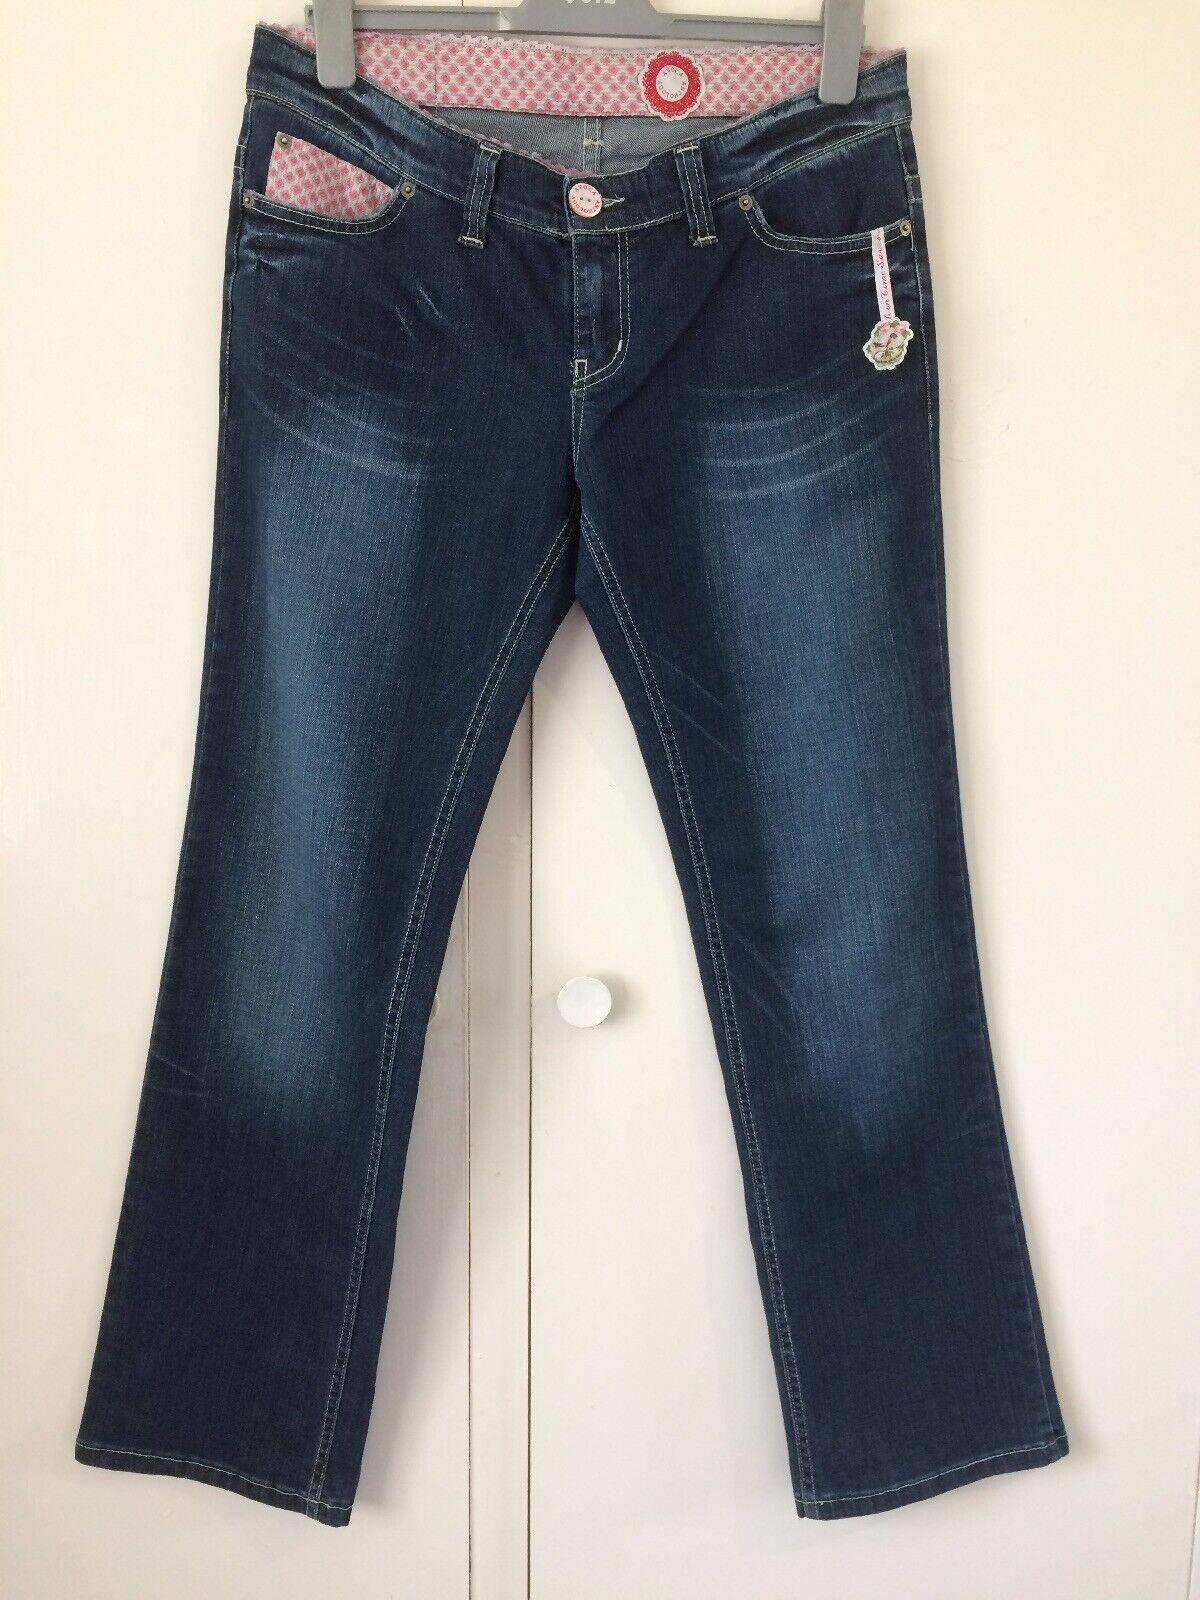 MesLes dames Avoca Anthology foncé coupe droite Sunshine après la pluie Jeans-Taille 14 16